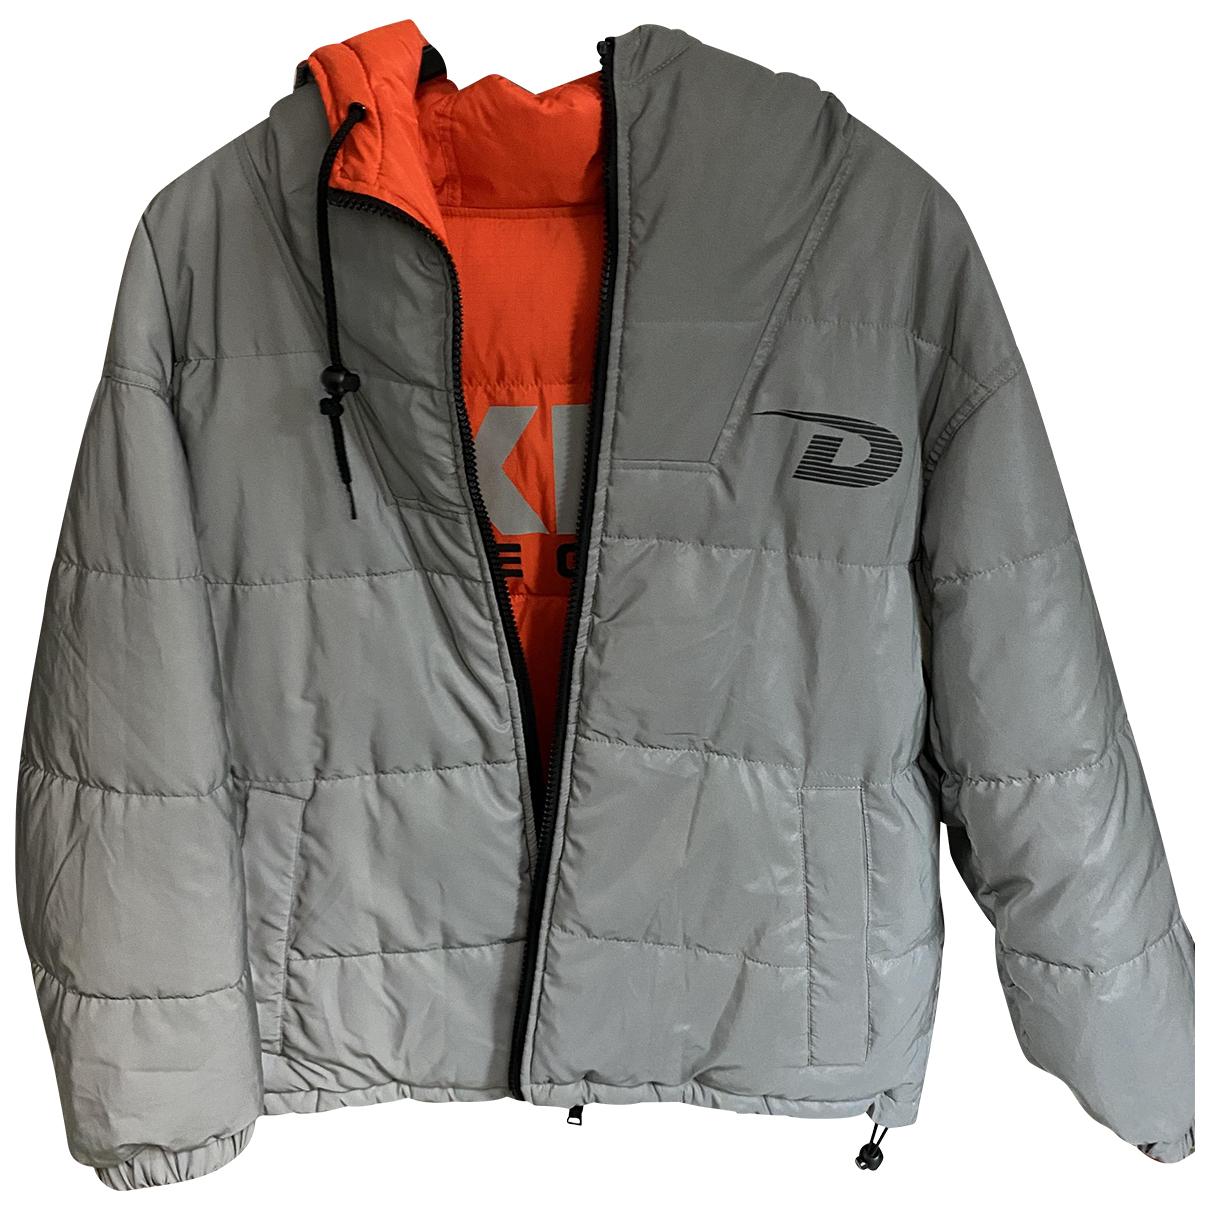 Dkny - Manteau   pour femme - multicolore